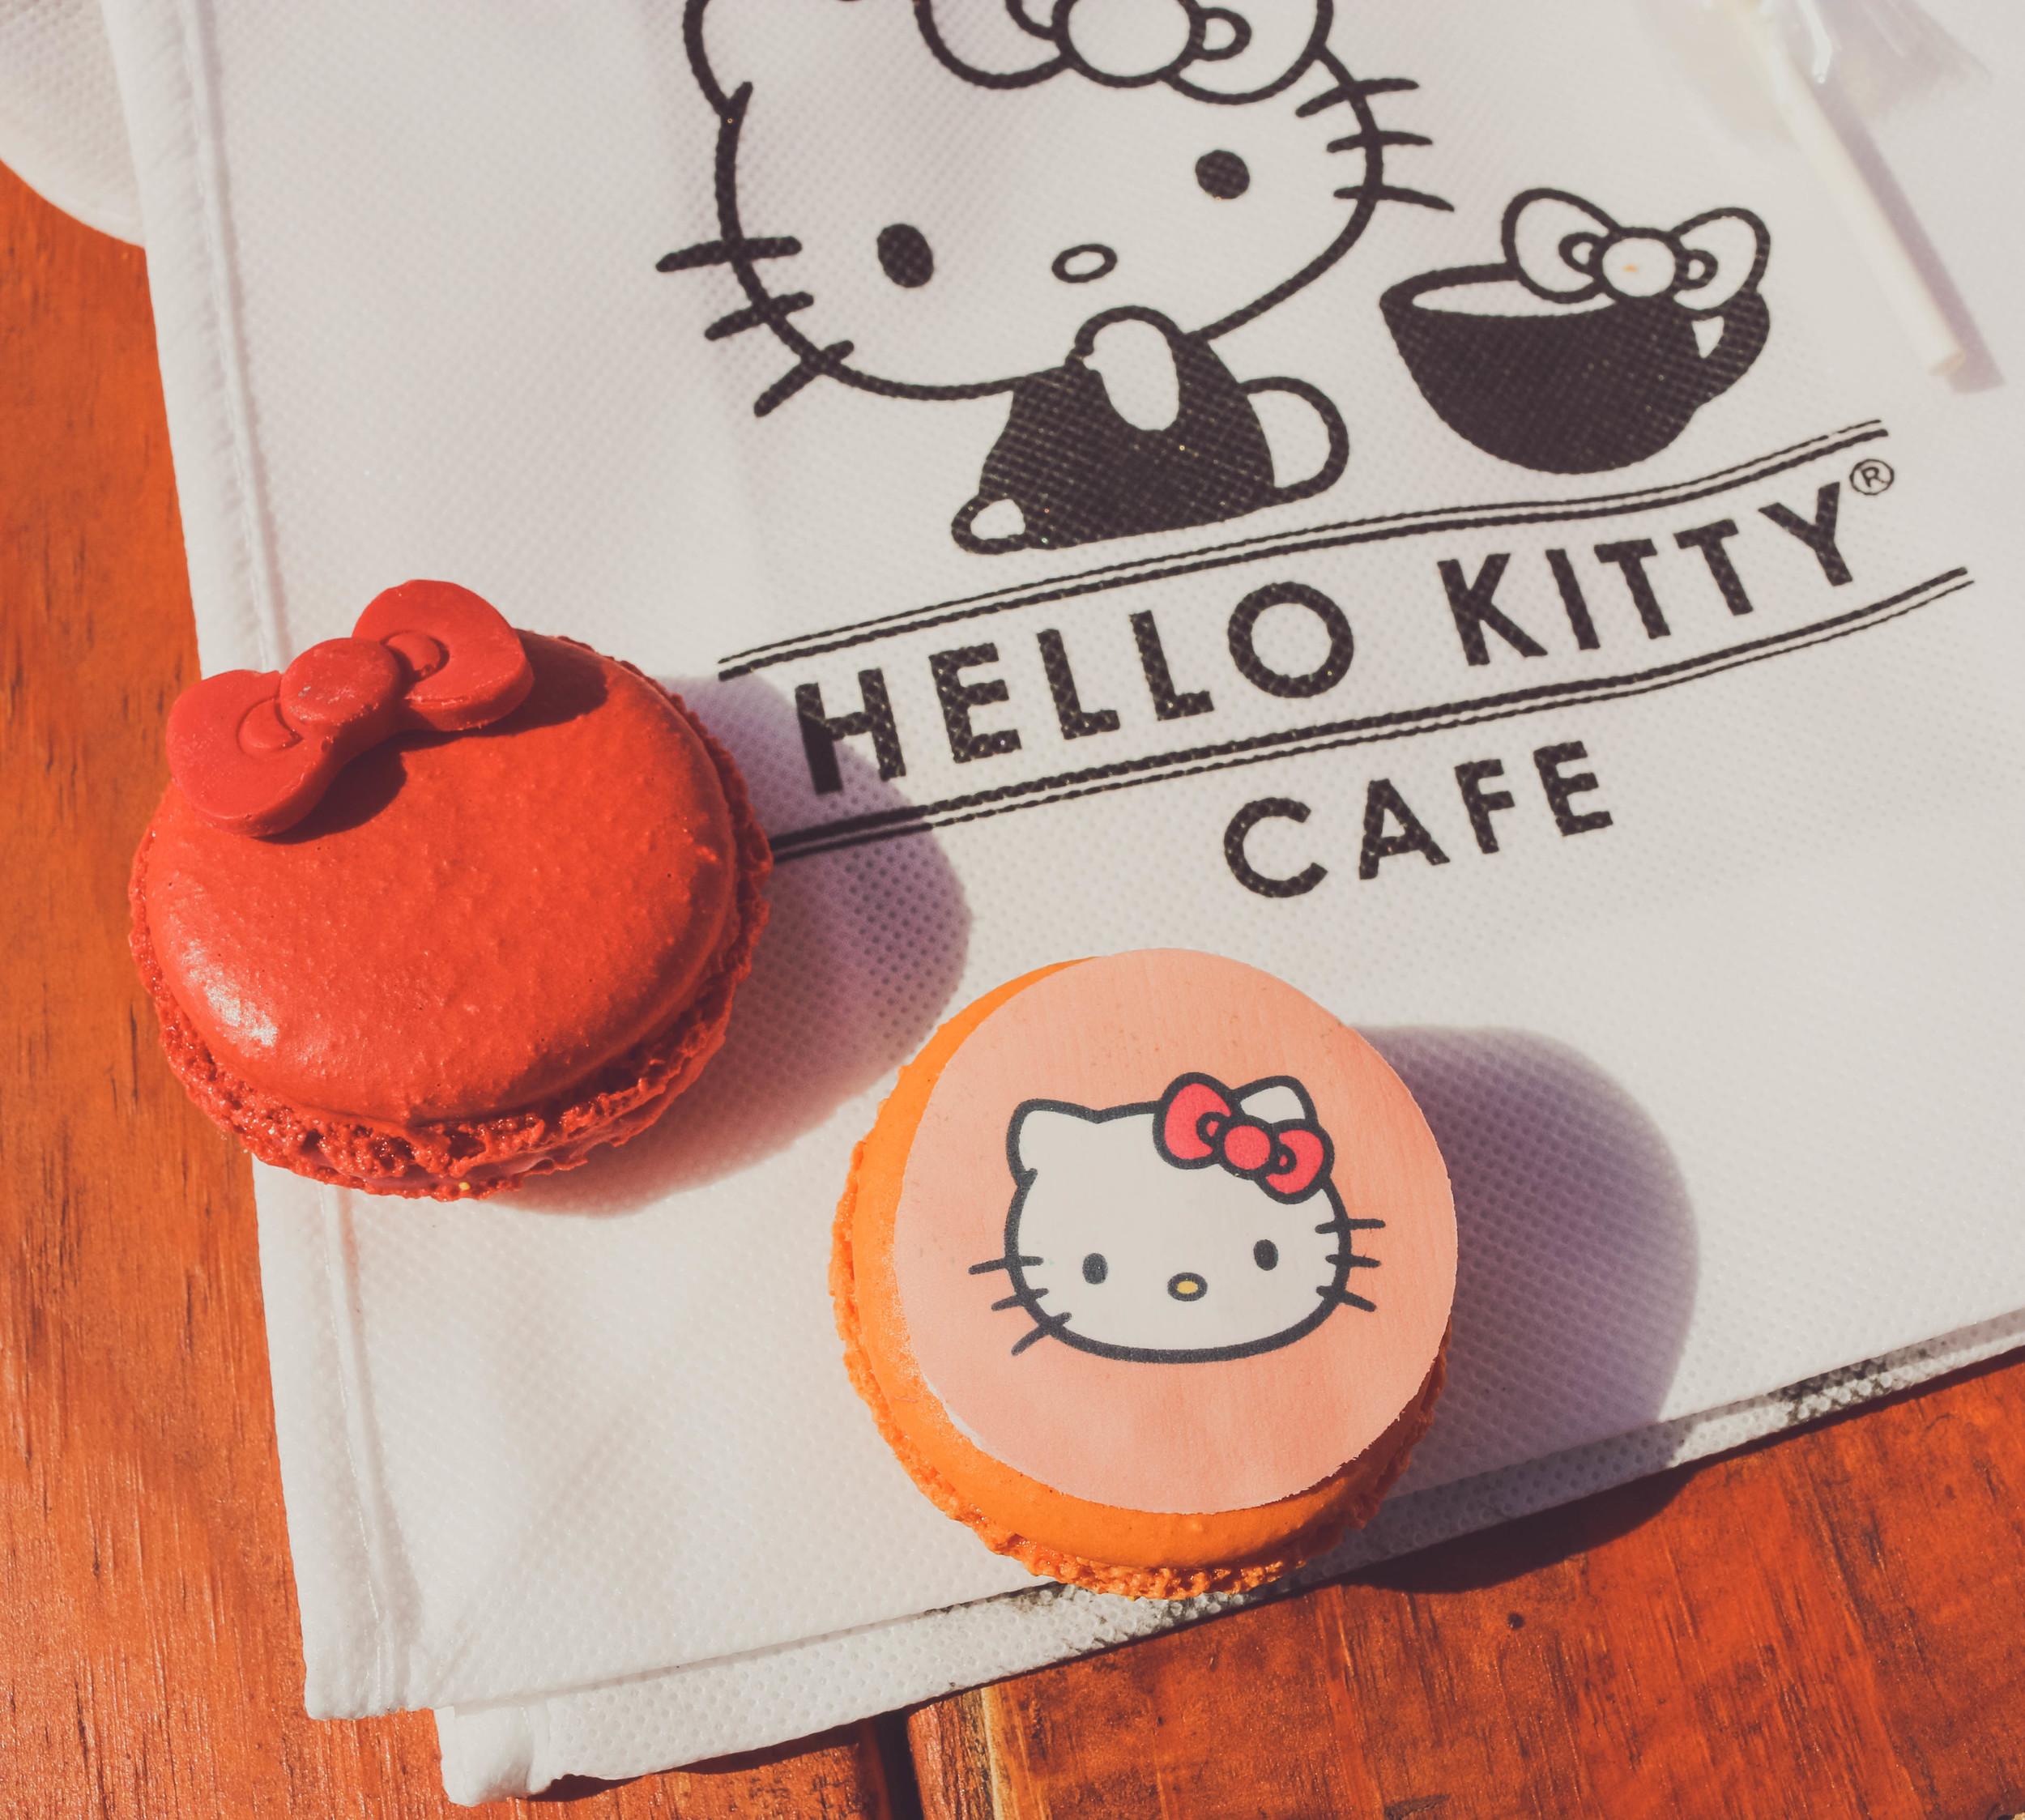 Hello Kitty Con 2014 on ourcitylights-6.jpg